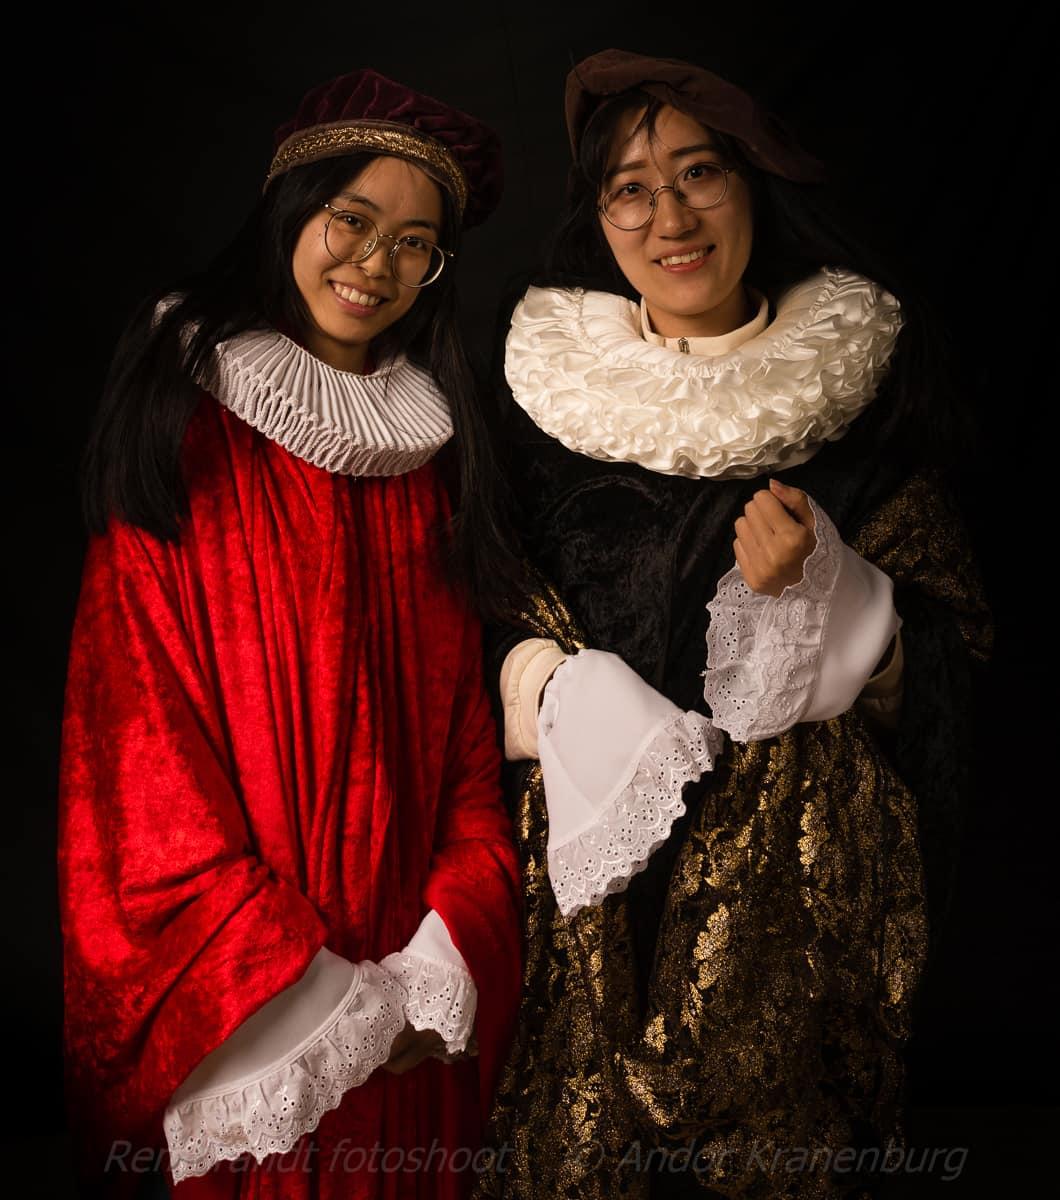 Rembrandt Nacht van Ontdekkingen 2019 Andor Kranenburg-8891